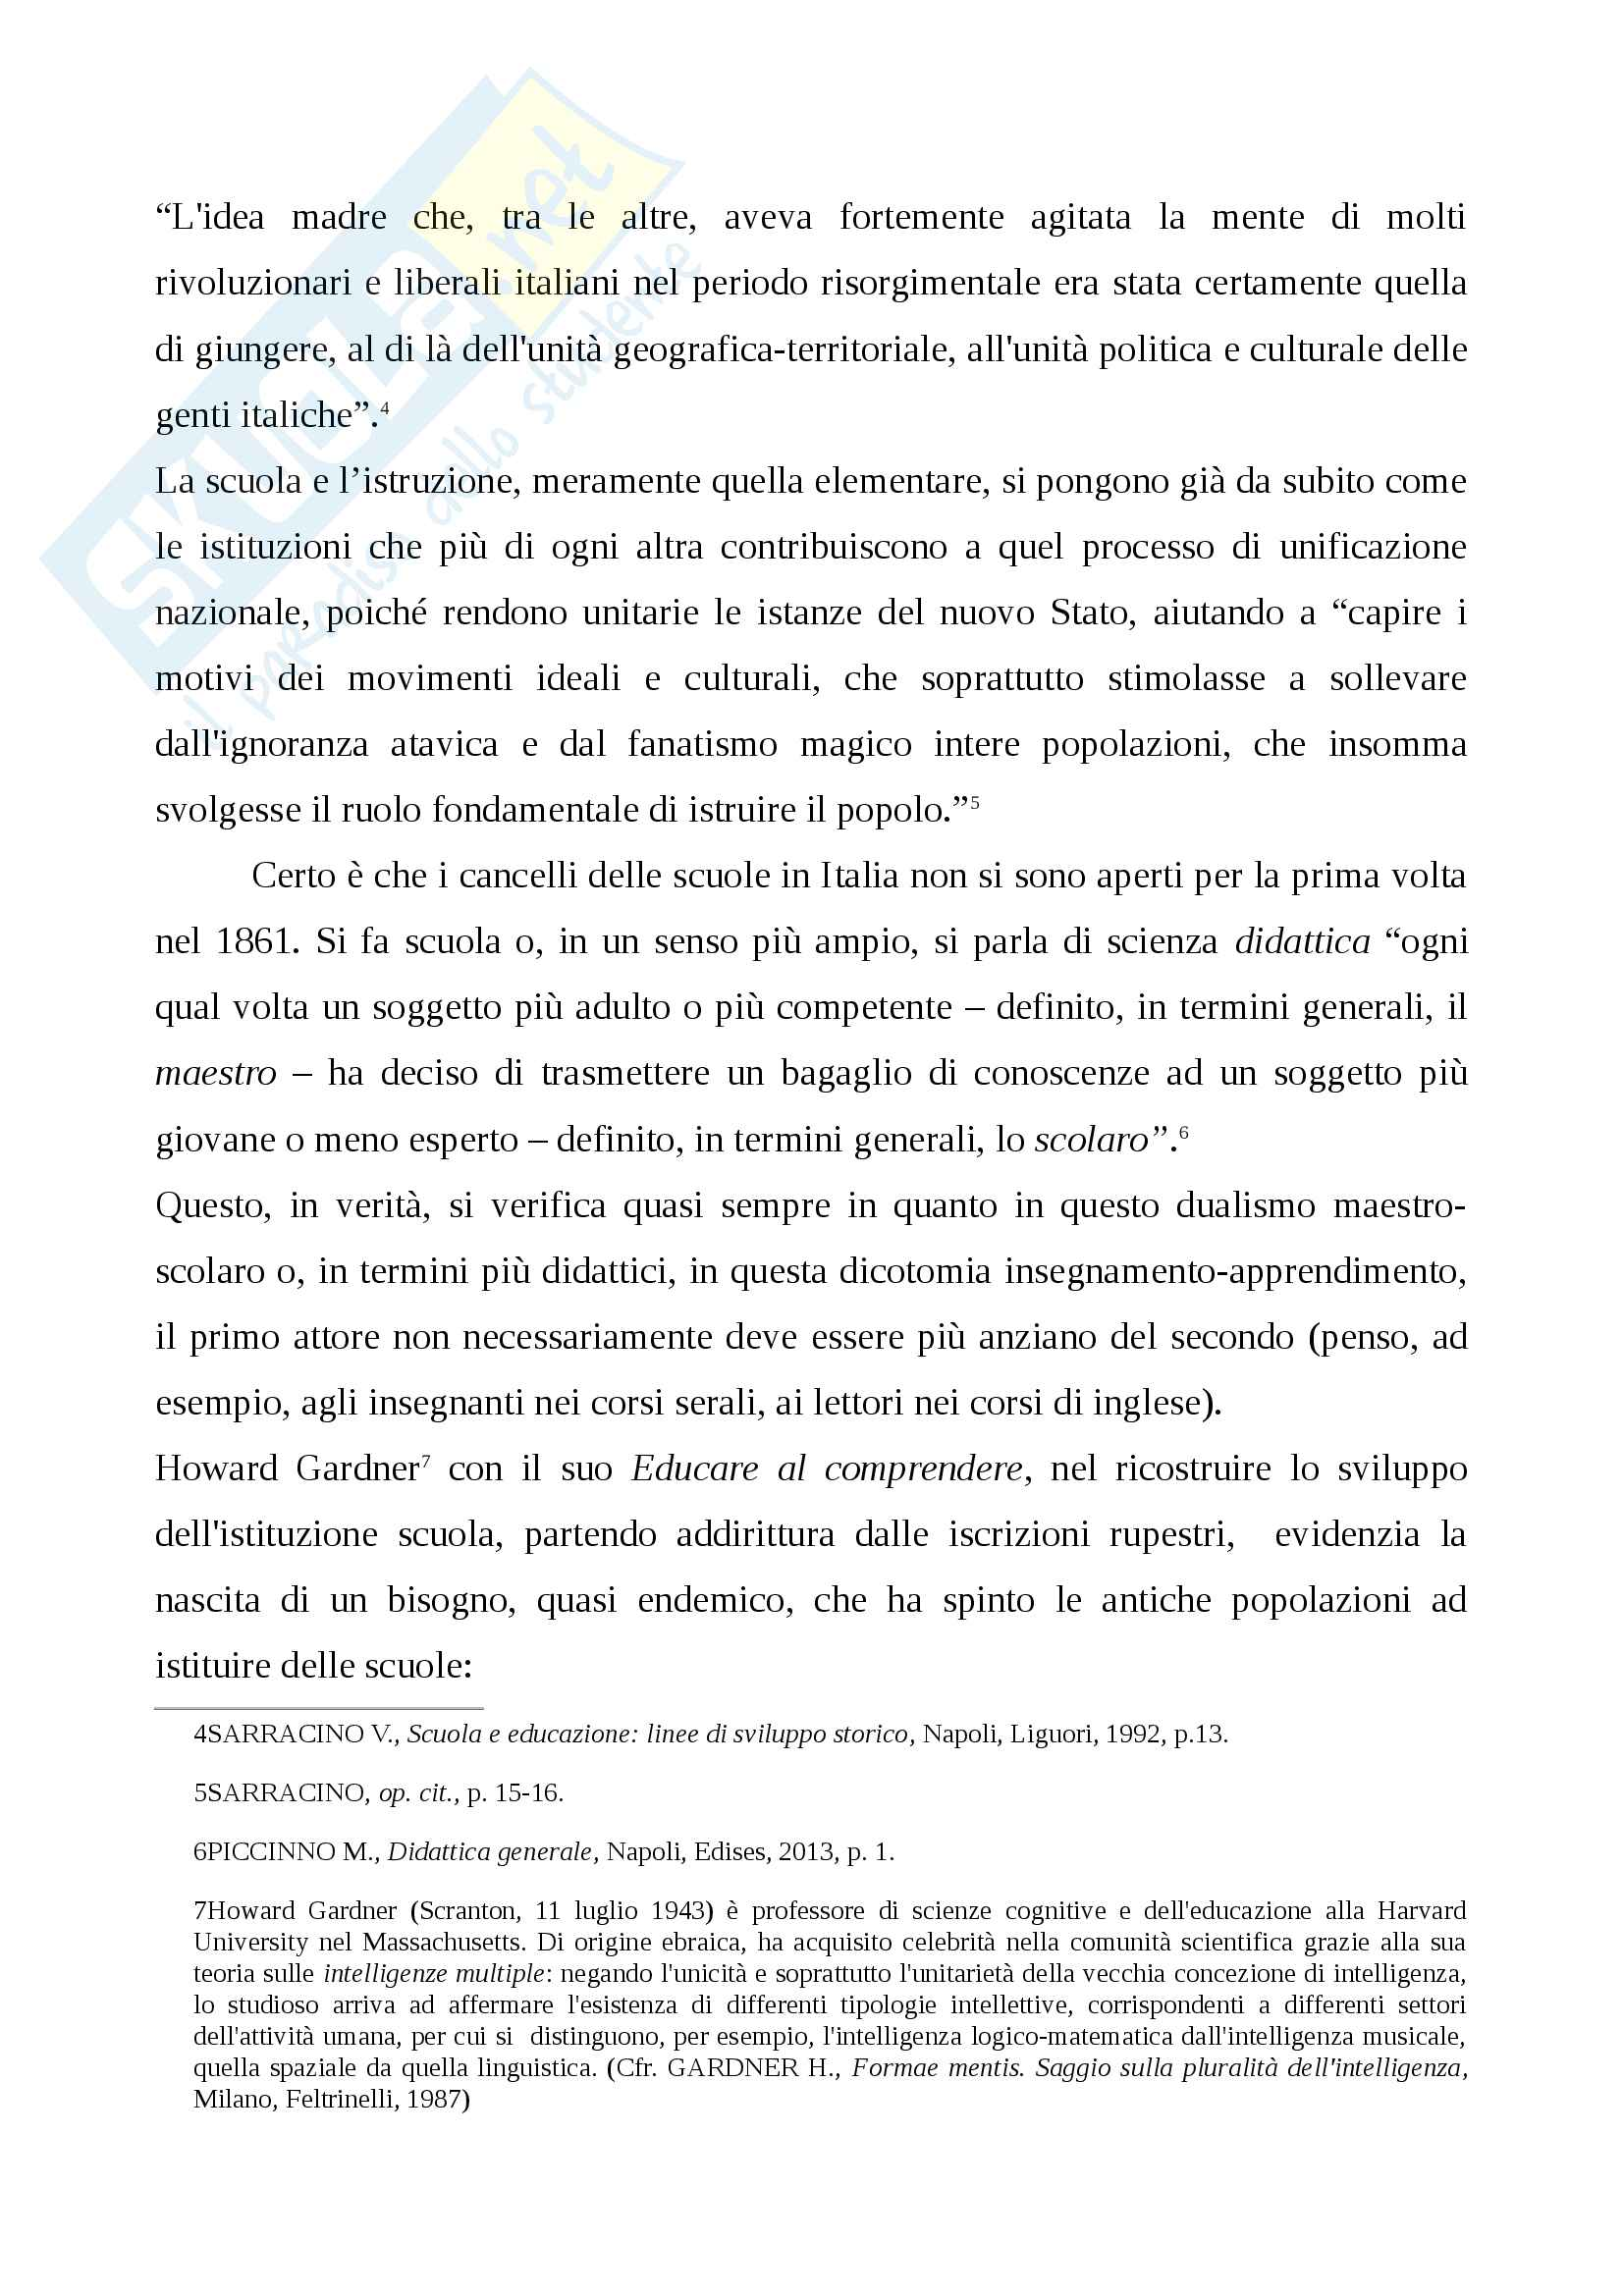 Storia della scuola italiana (legge Casati, Riforma Gentile) Pag. 2